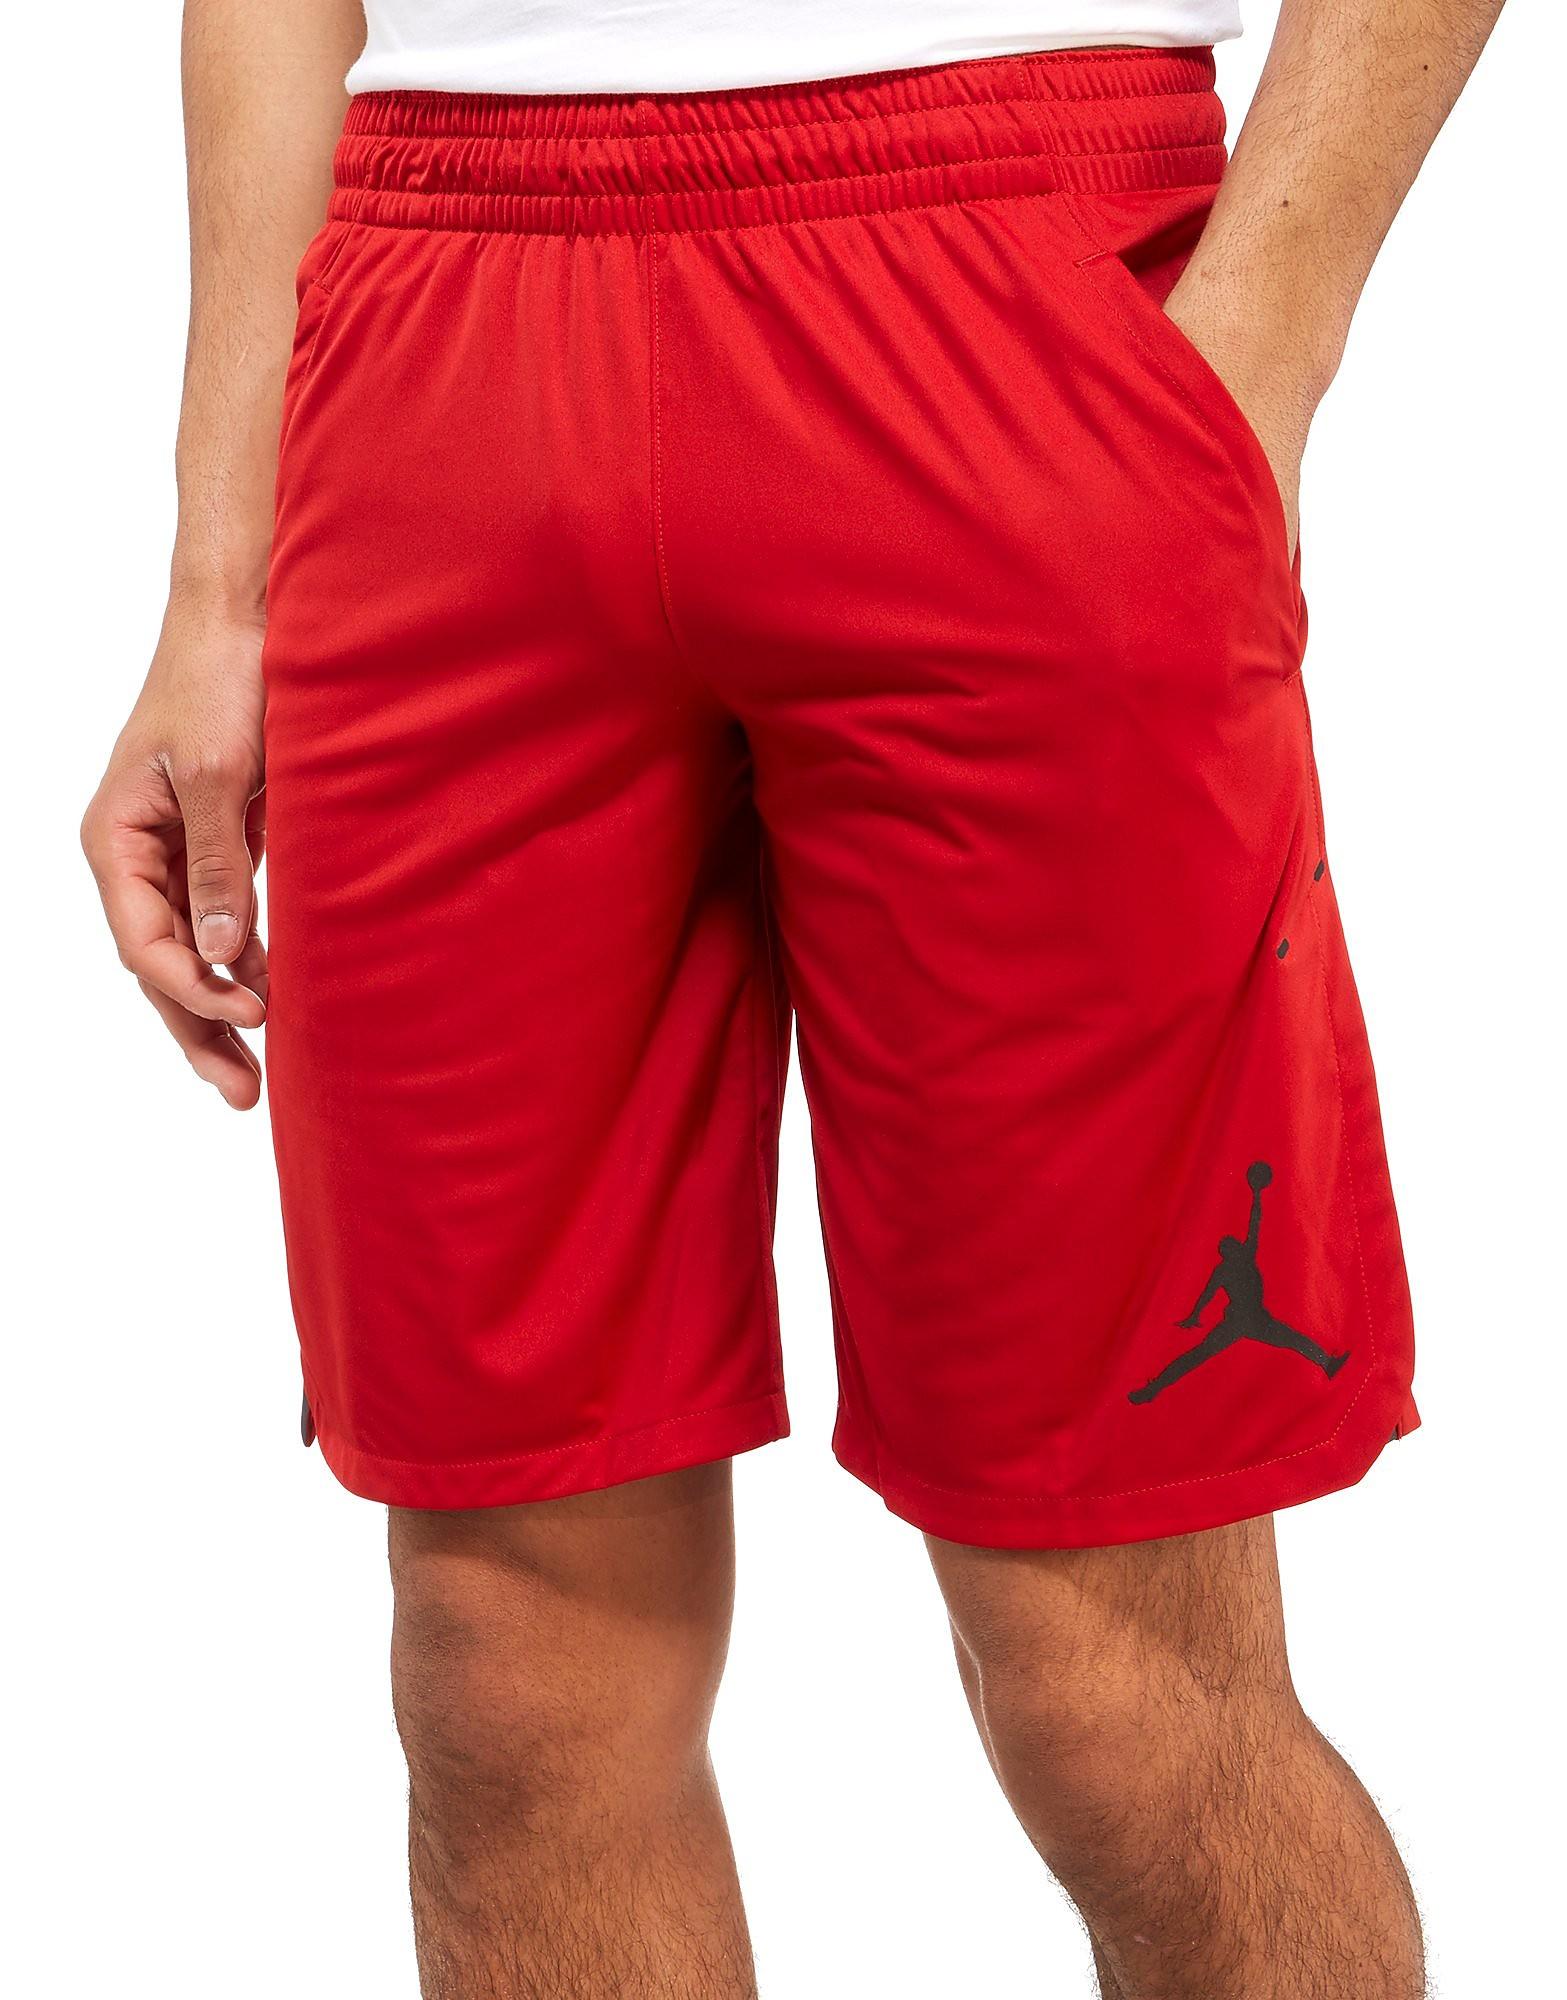 Jordan 23 Alpha Knit Shorts